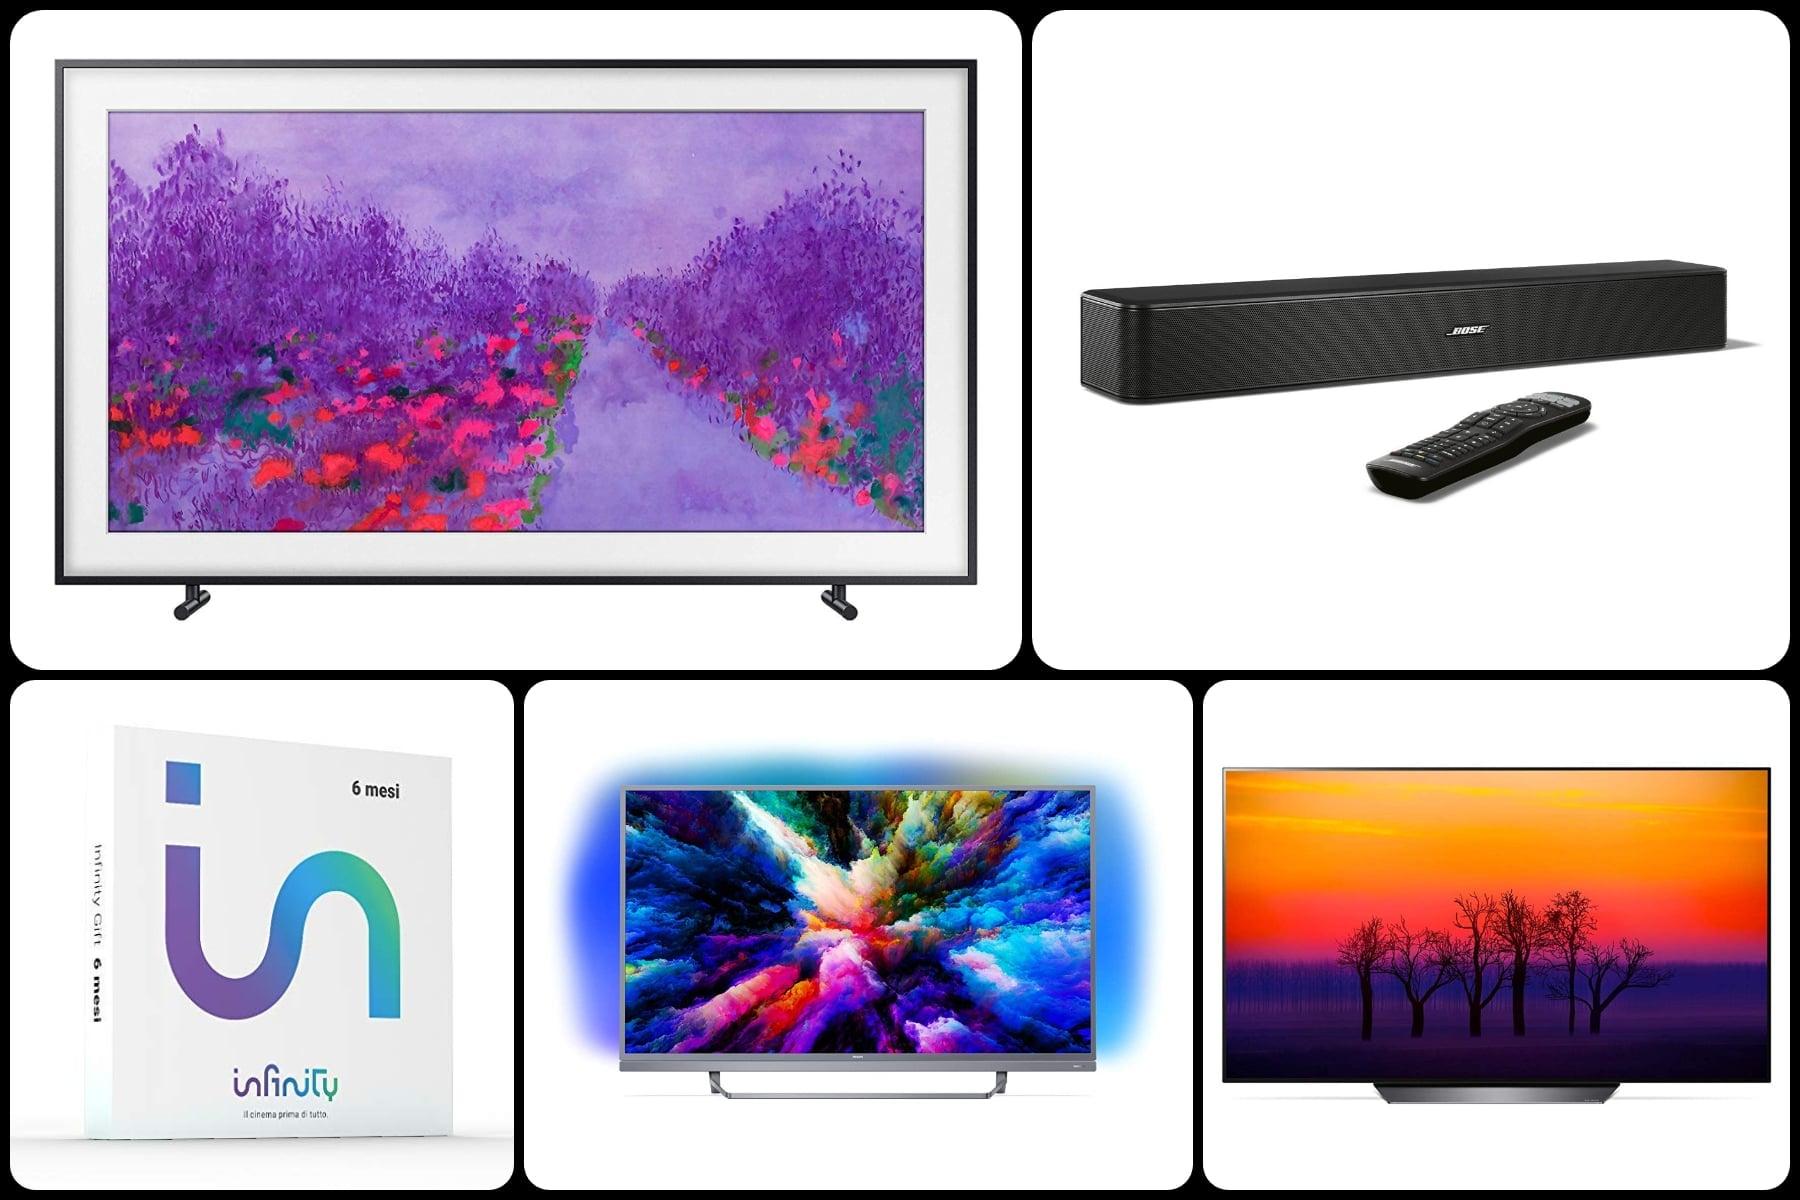 Le 10 migliori offerte TV Prime Day 2019: OLED, QLED, TV economici e soundbar